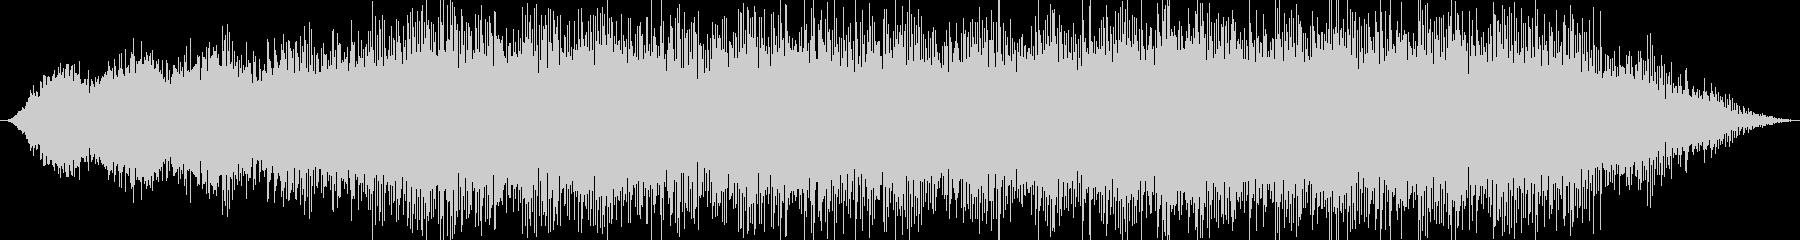 幻想的な洞窟をイメージしたBGMの未再生の波形